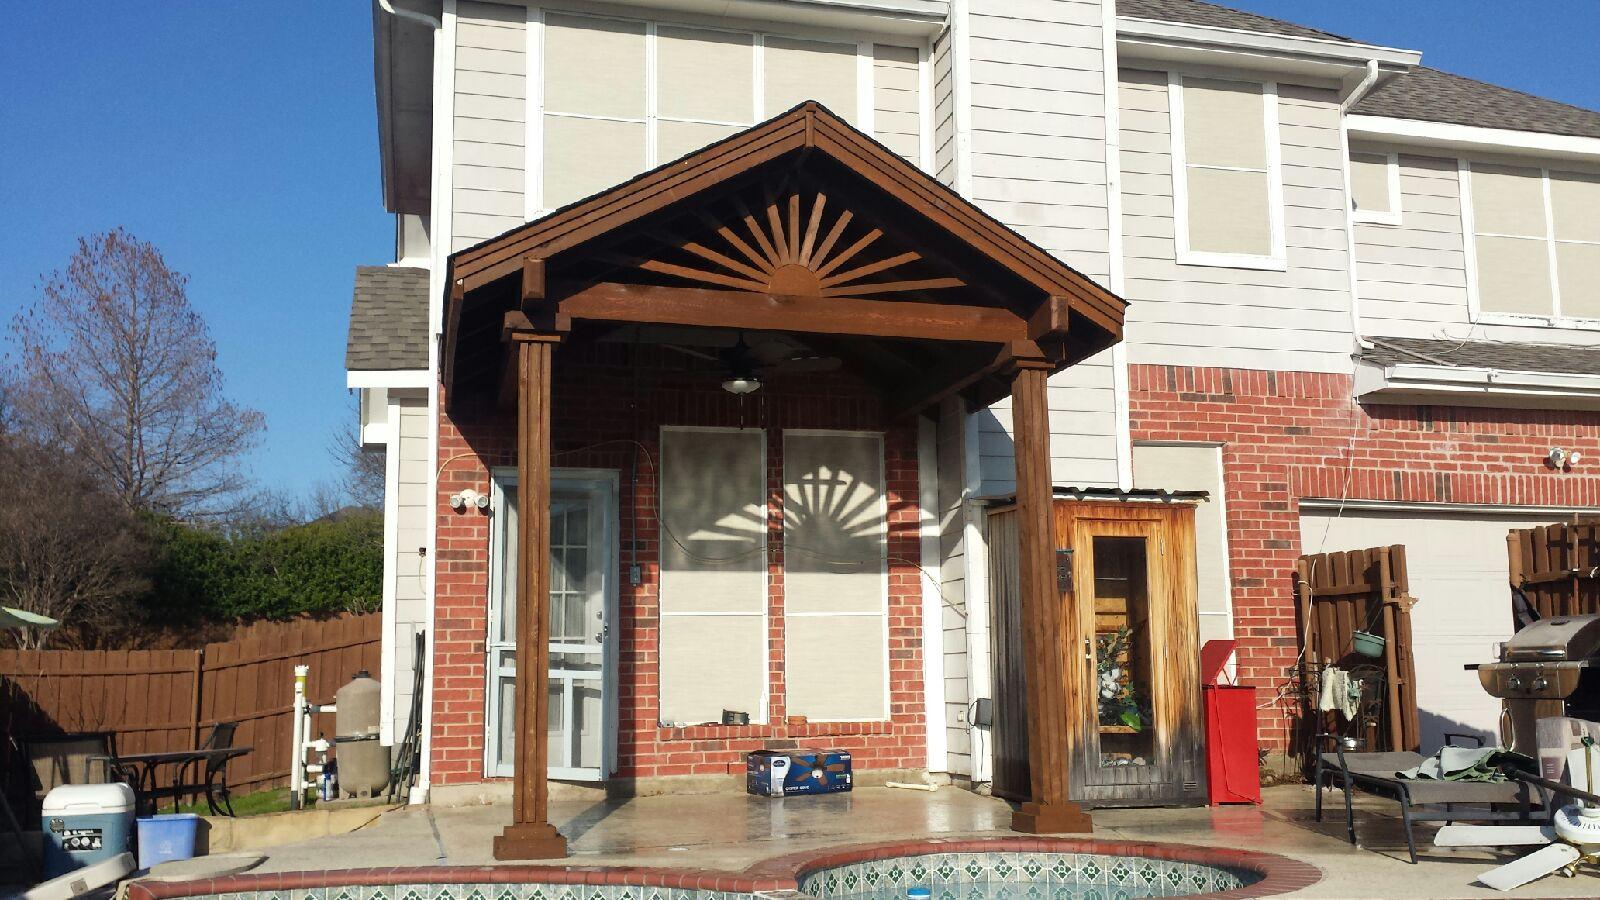 416 patio cover small single gable